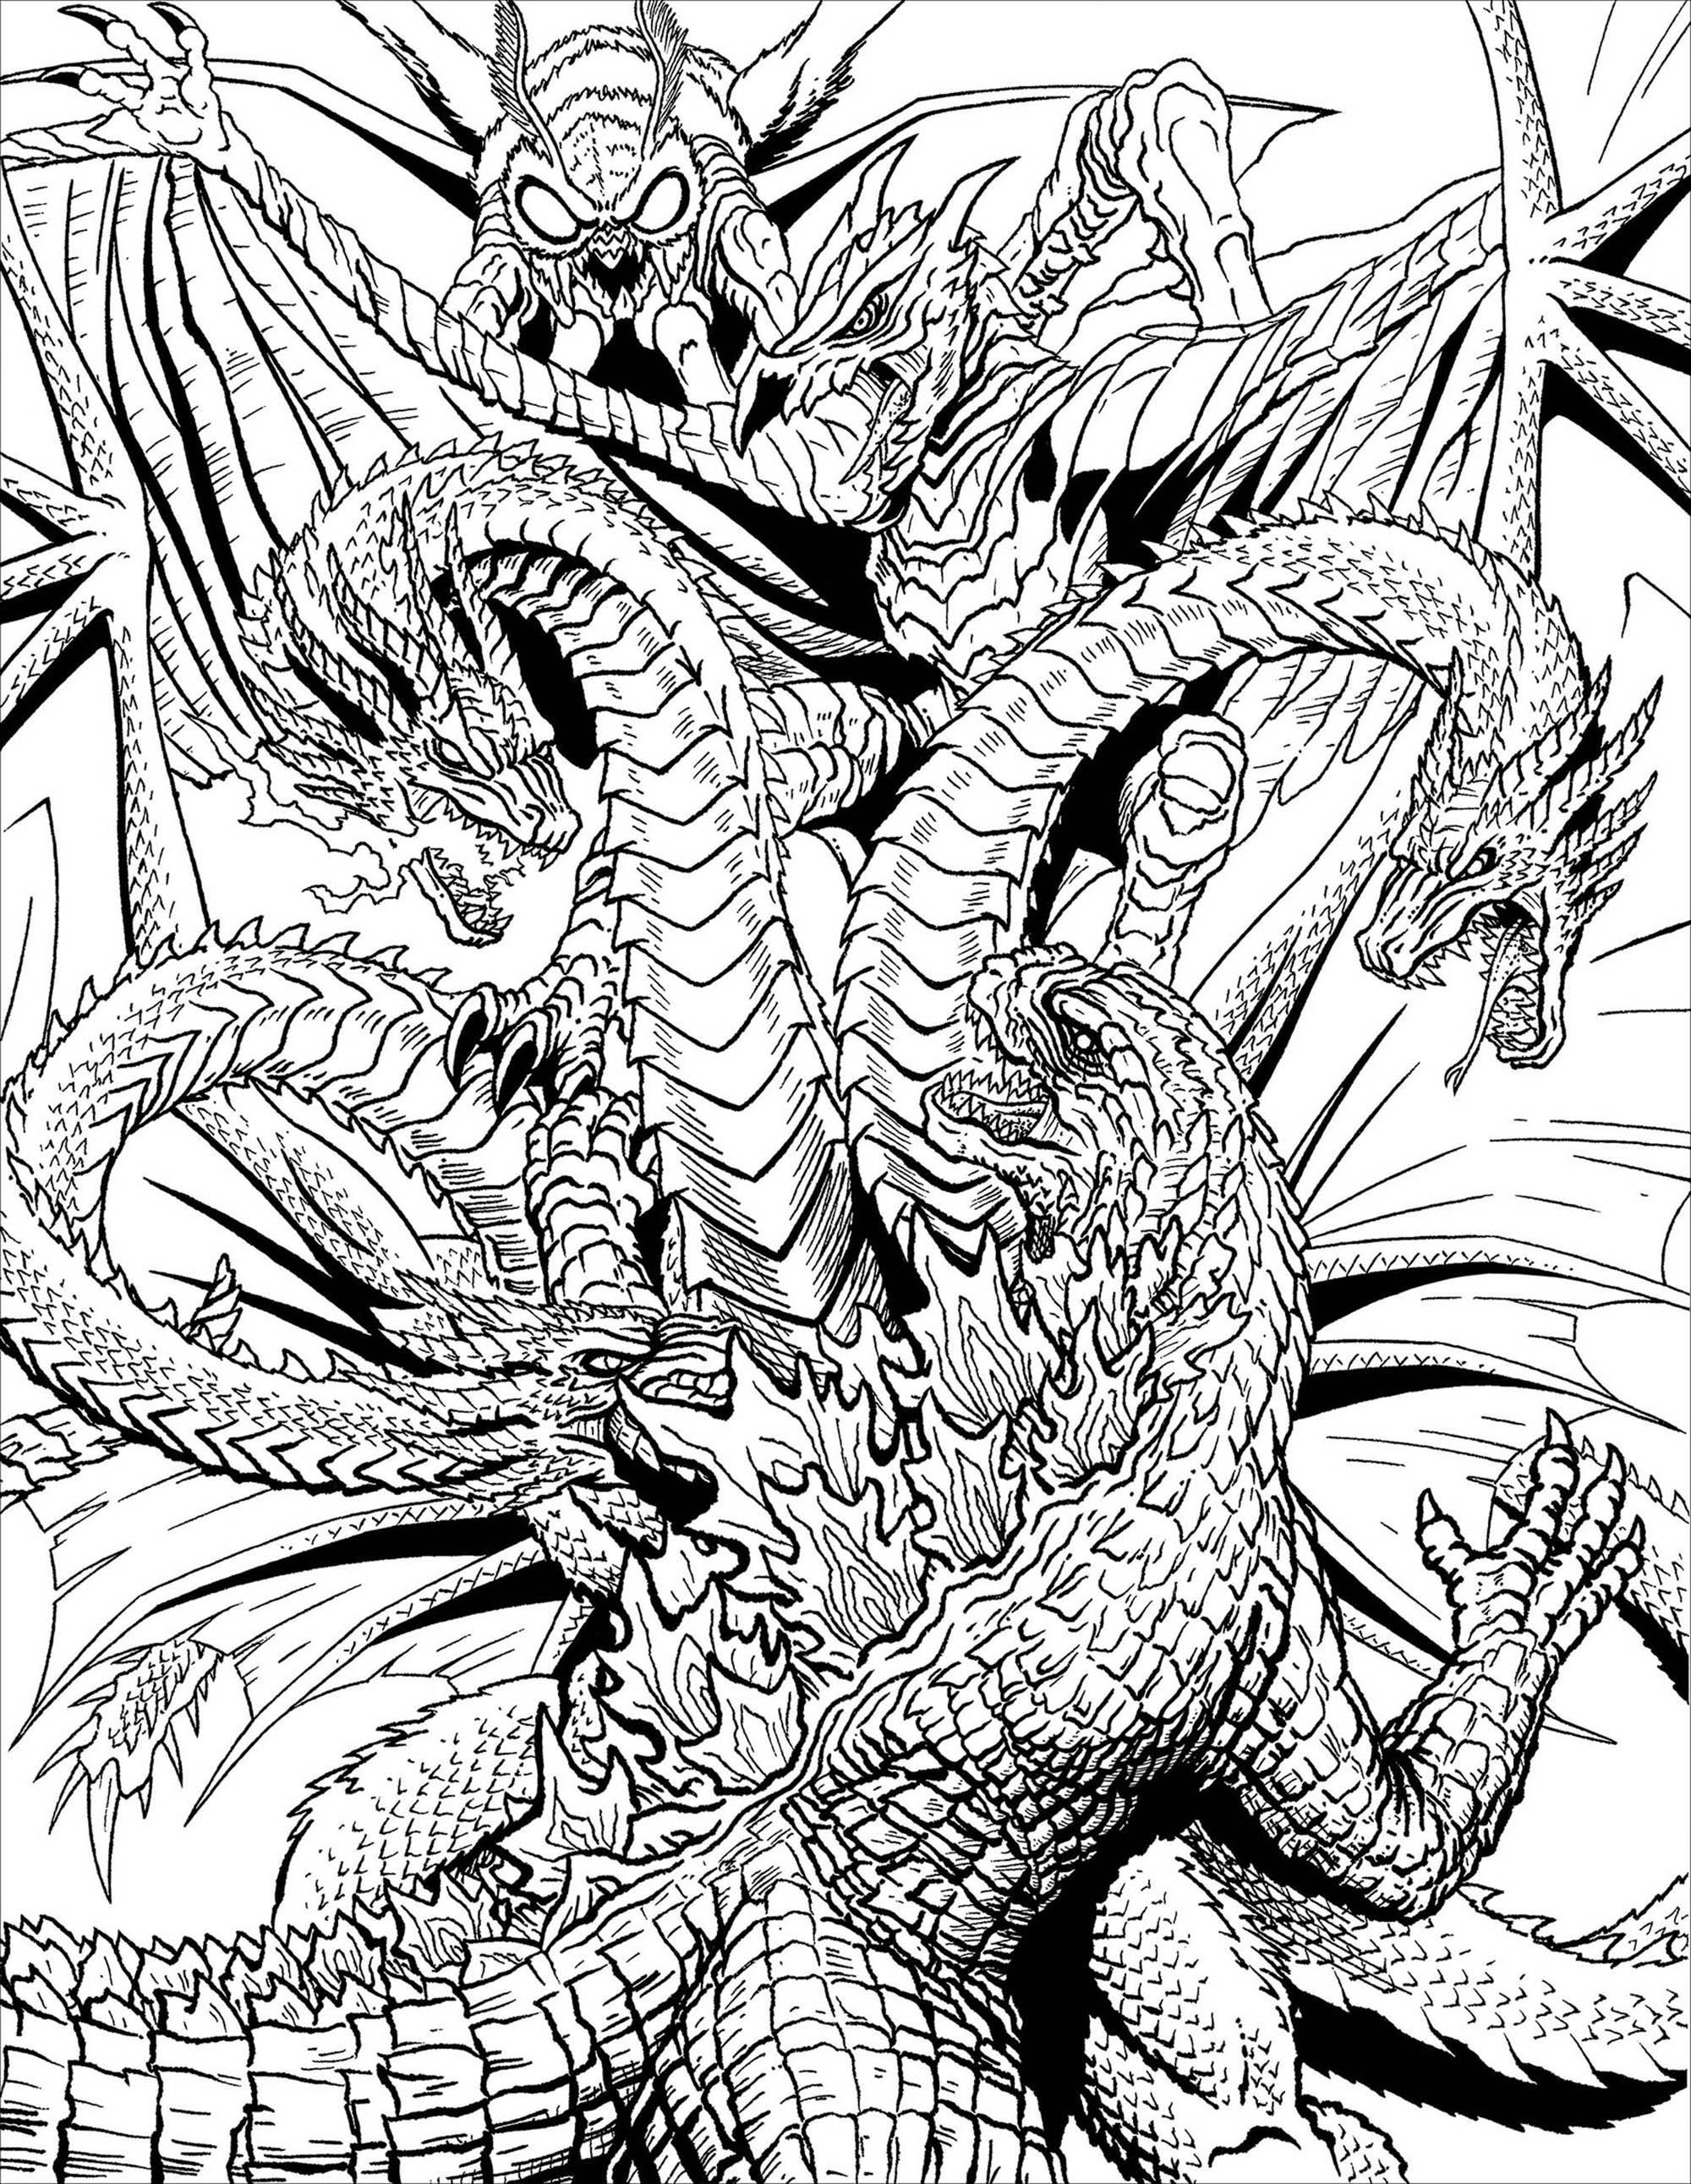 Avec ces 3 têtes, le dragon a toutes ses chances...